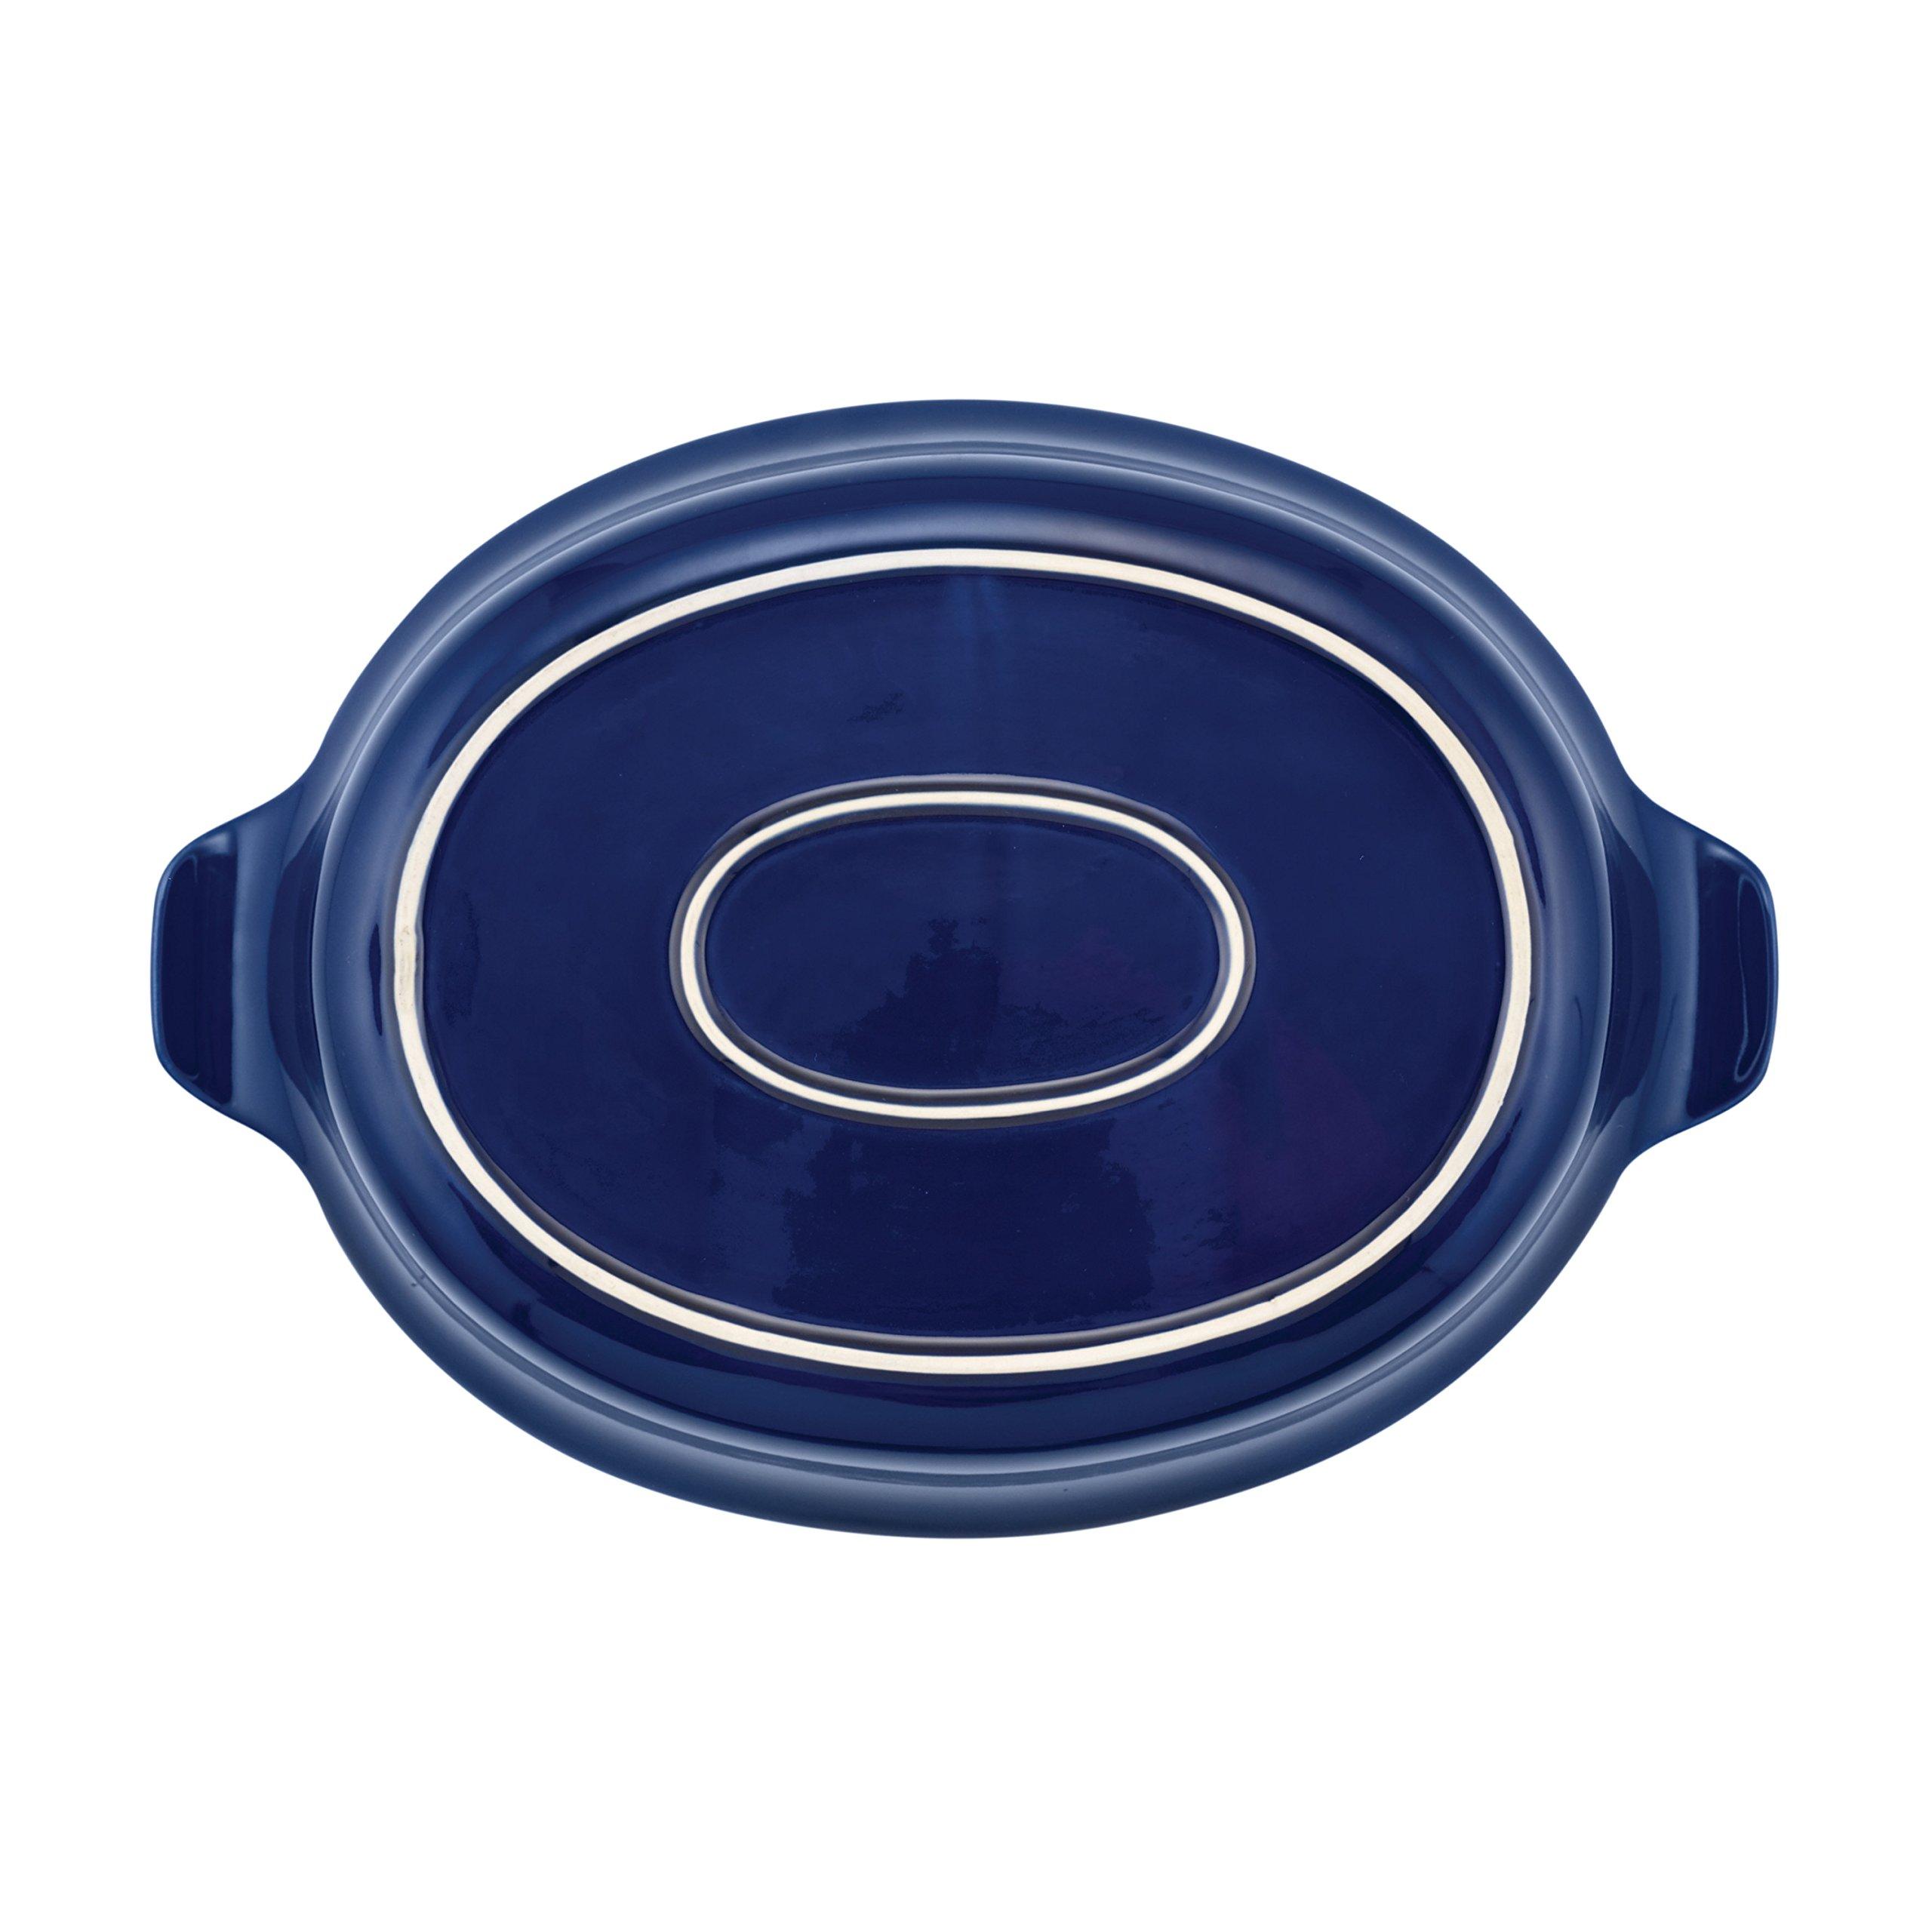 Anolon Vesta Stoneware Oval Au Gratin Pan, 2 quart, Baltic Blue by Anolon (Image #3)